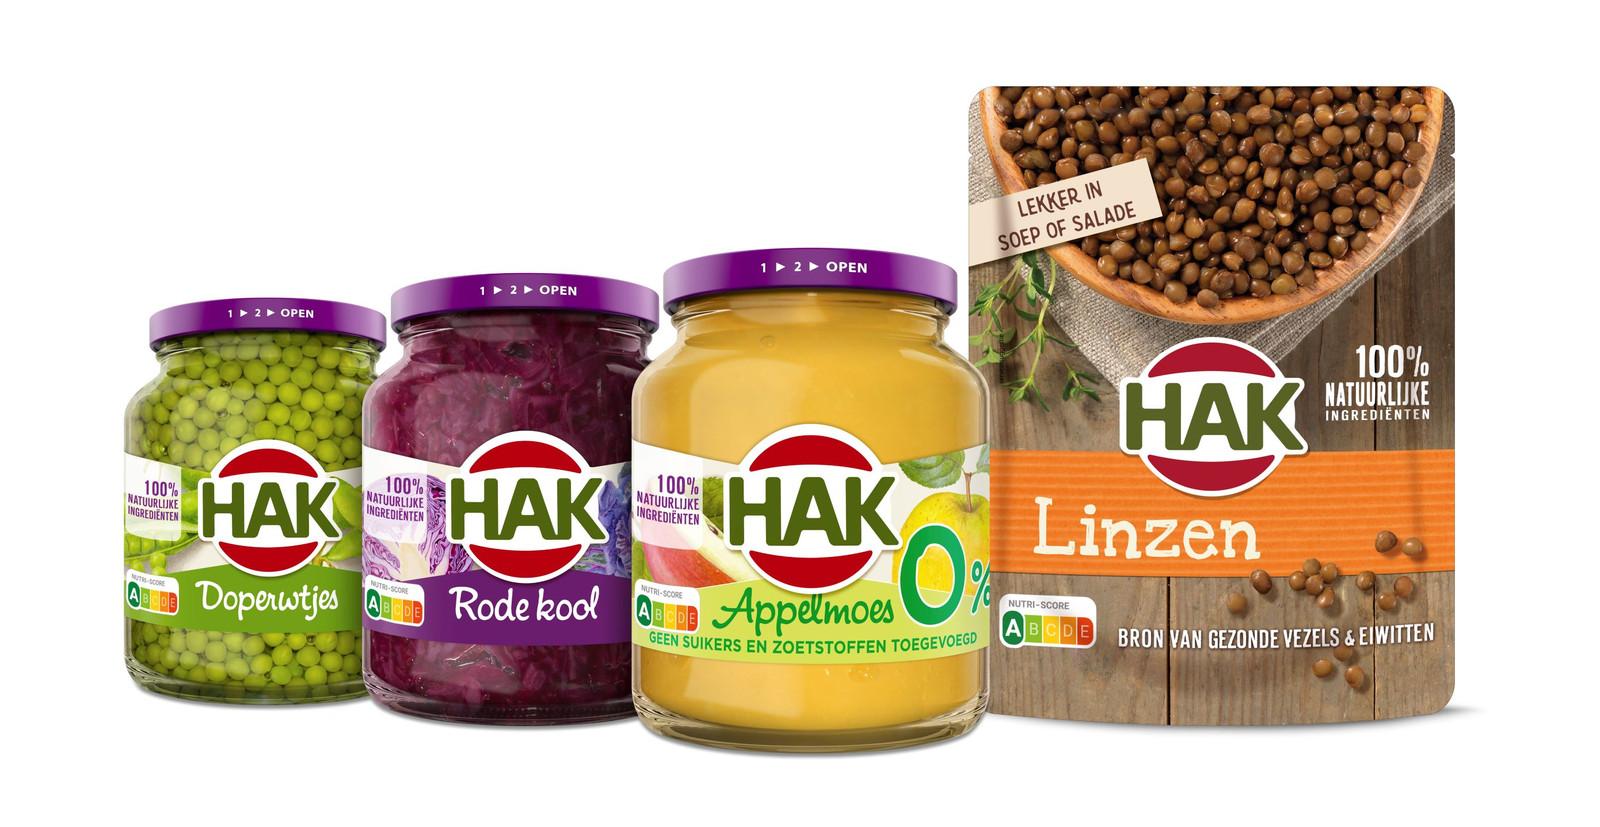 HAK-producten met het nieuwe voedselkeuzelogo.